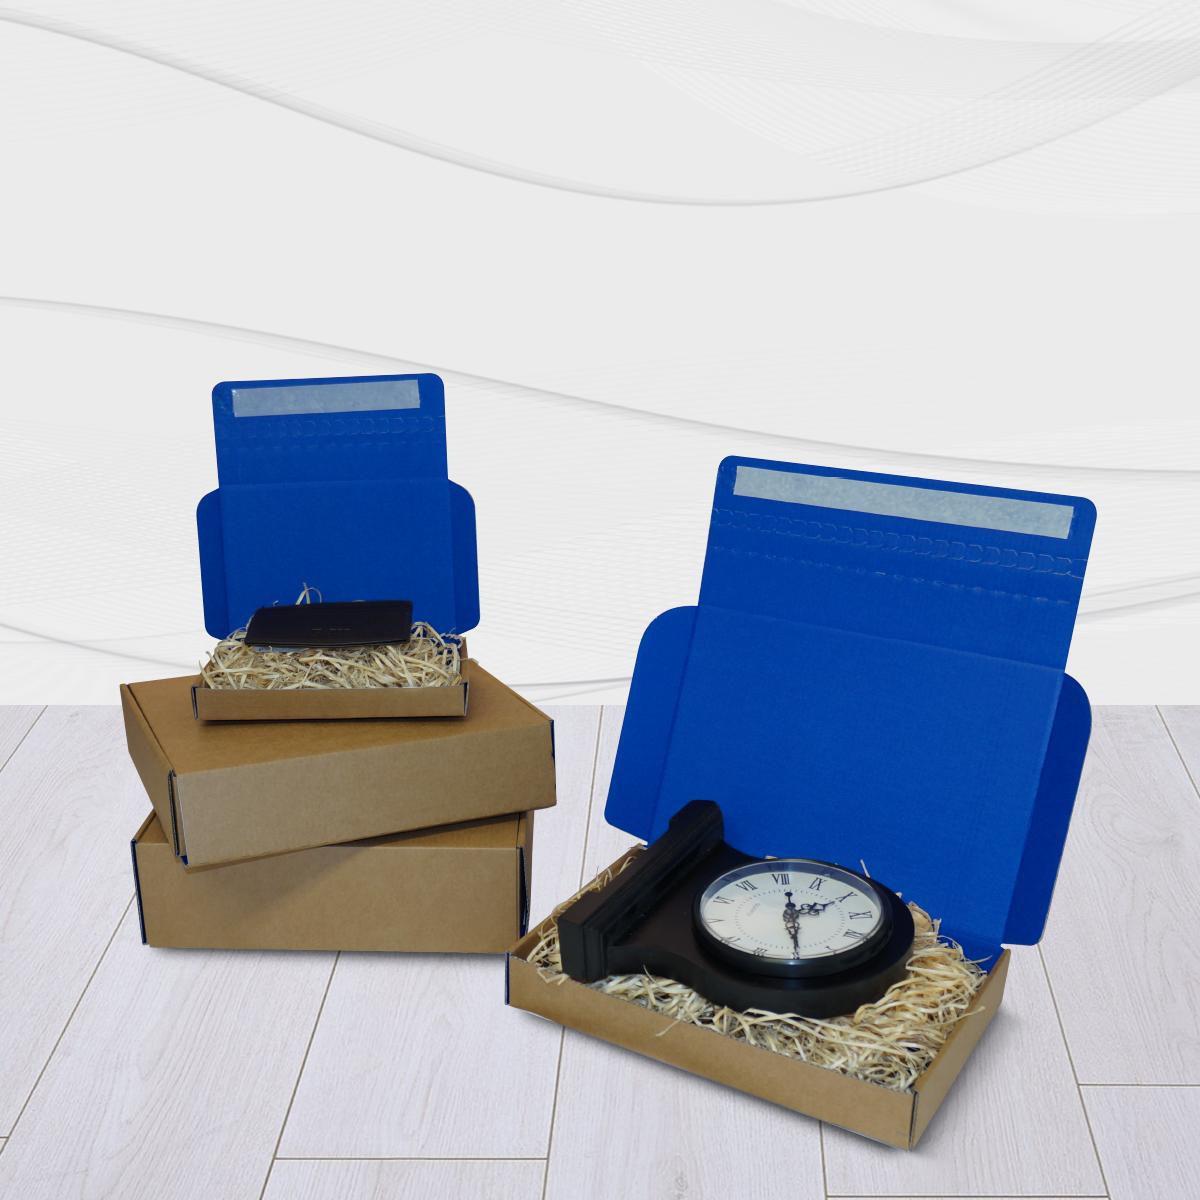 Blue Postal Boxes